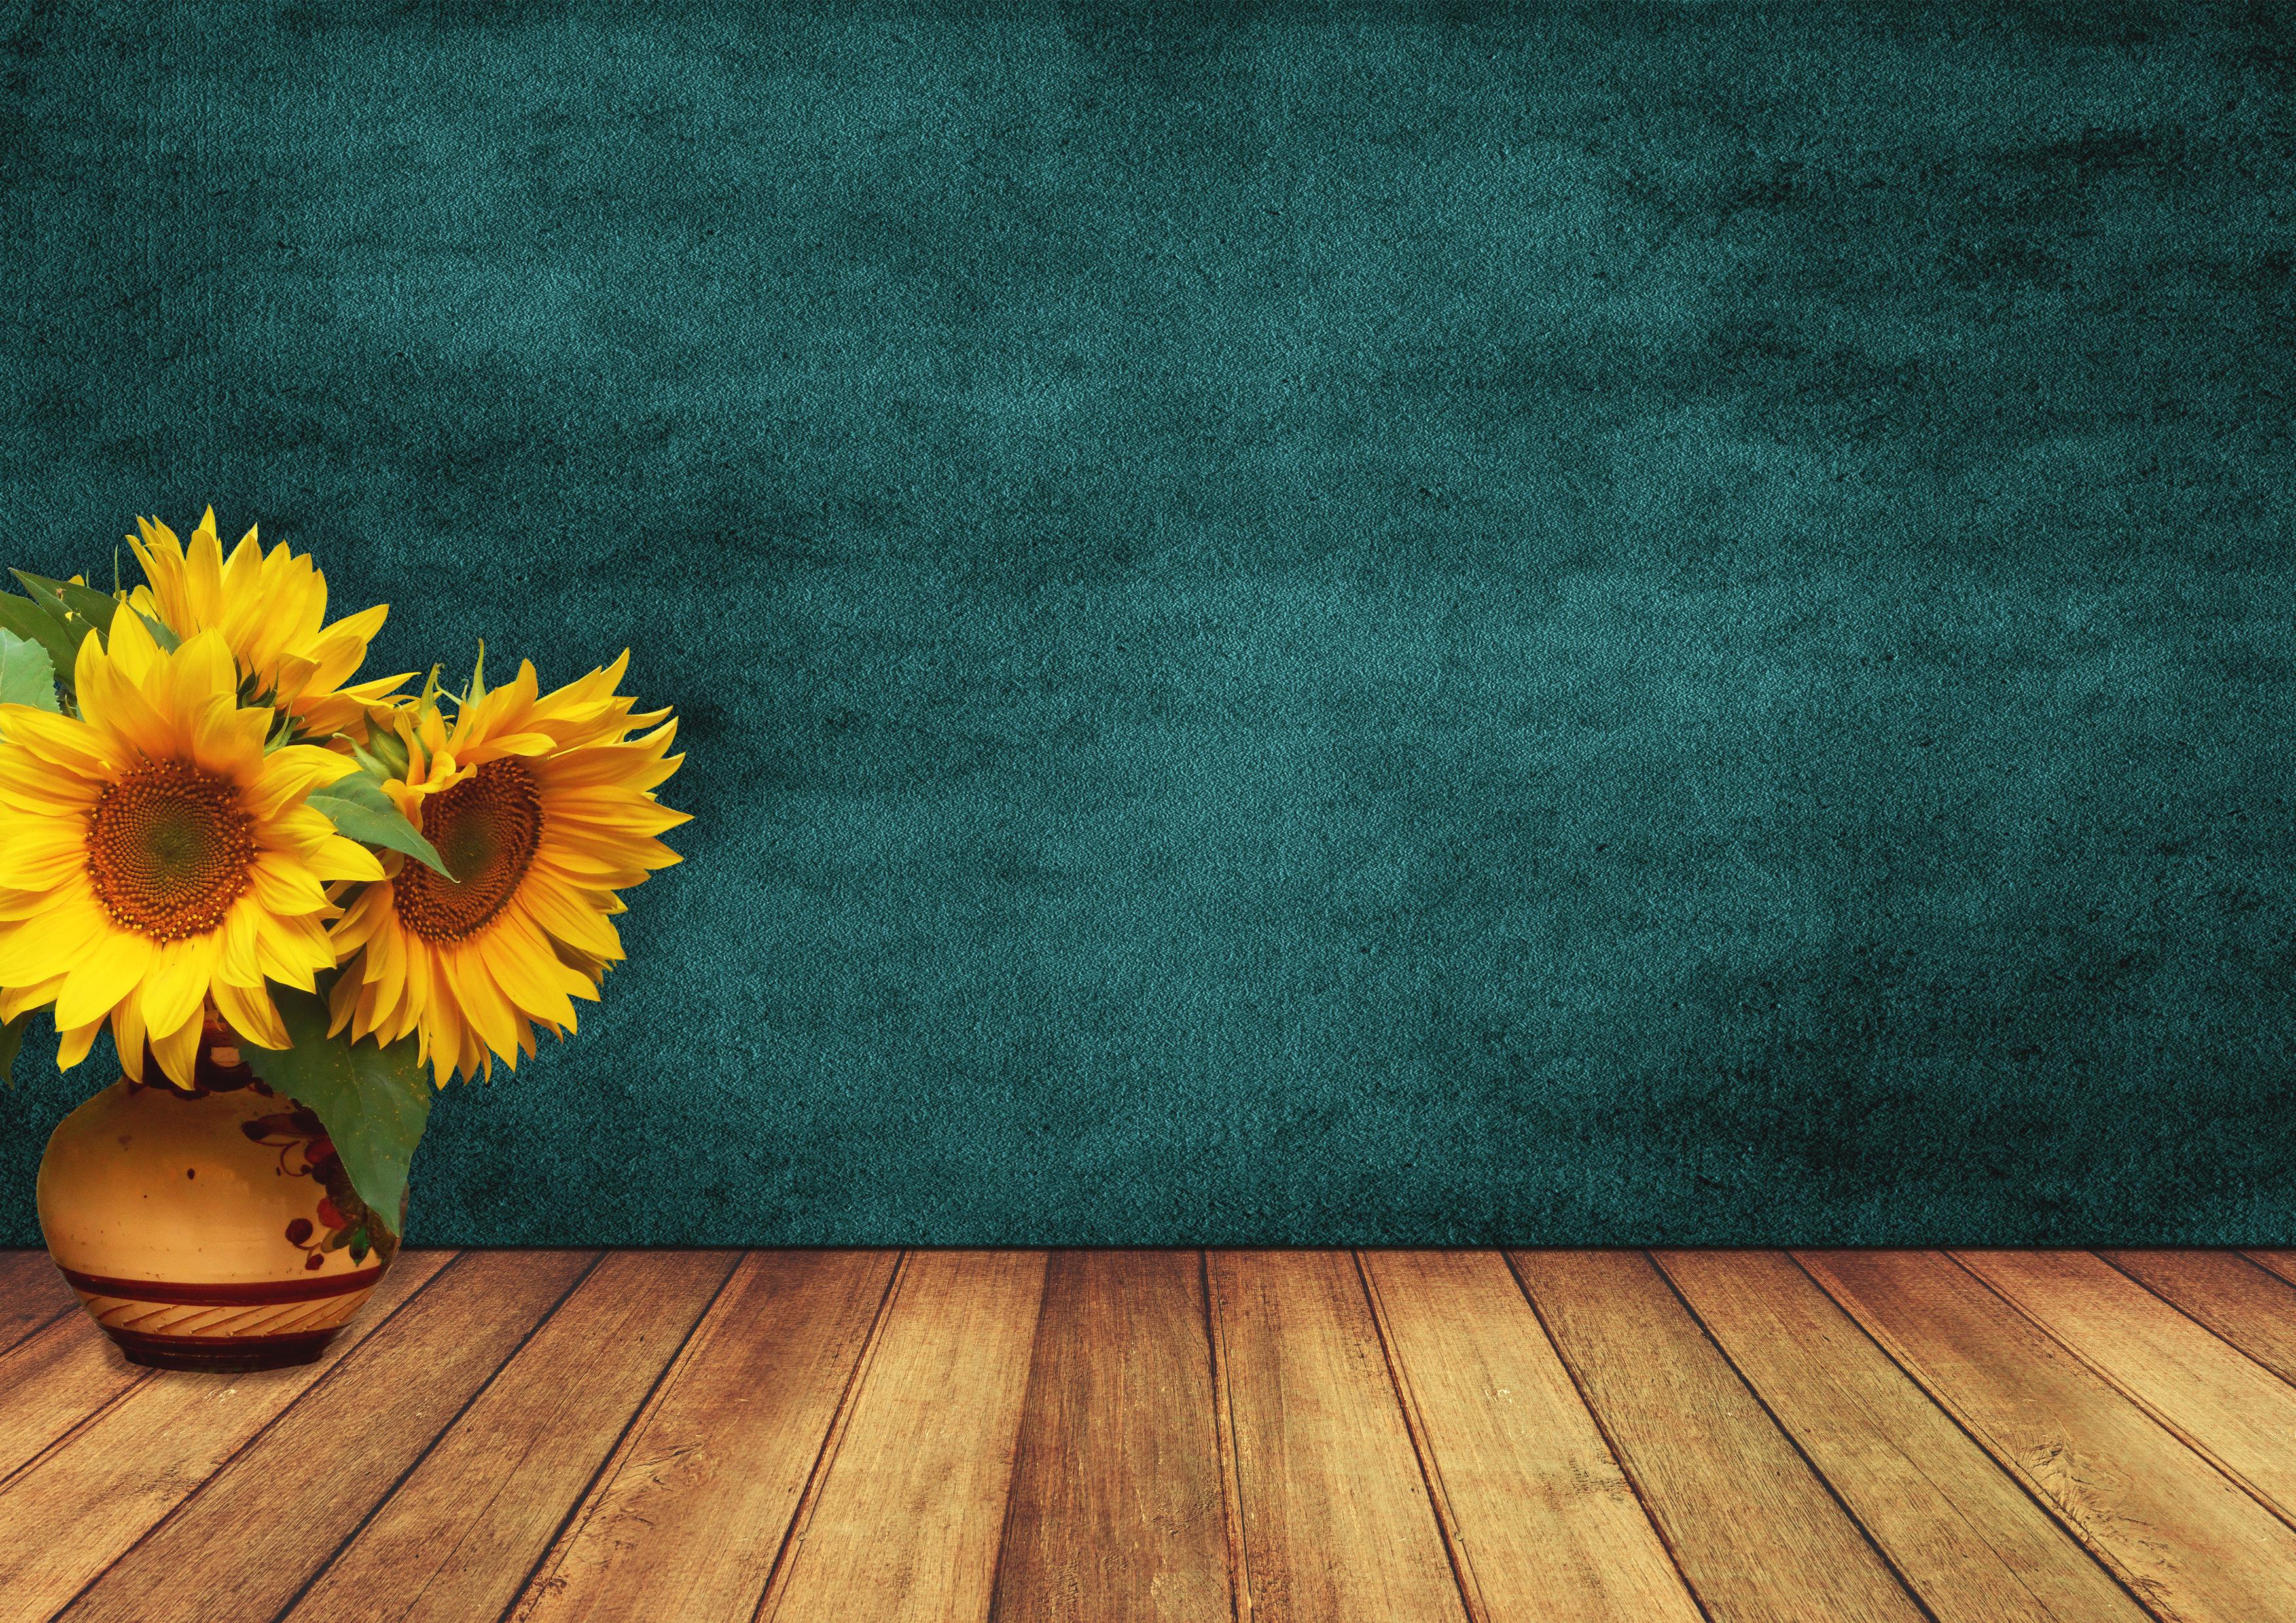 Free Images Sunflowers Room Wood Vase Wall Vintage